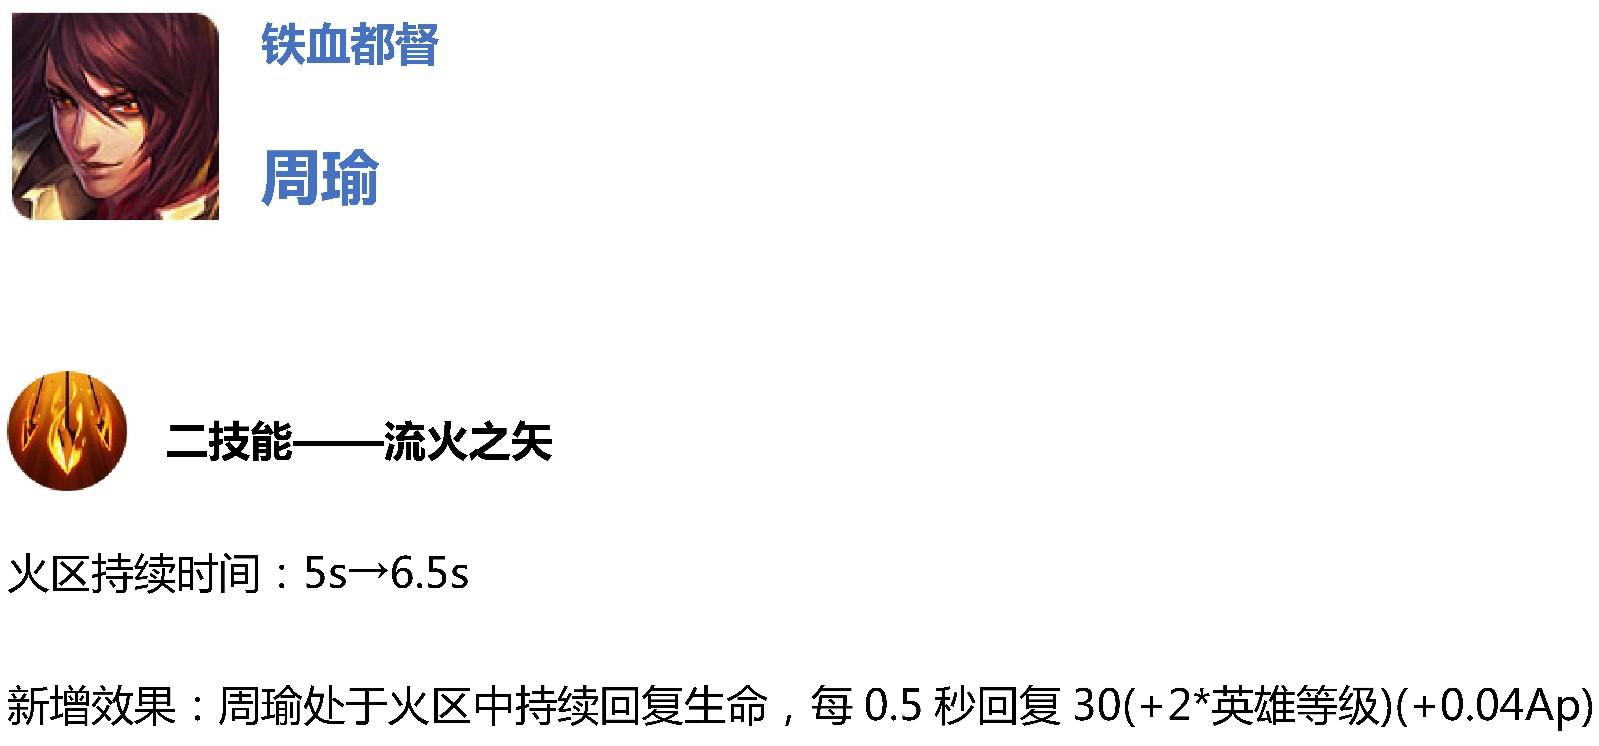 王者荣耀11.8体验服更新:七位英雄调整,铭文改版,动作系统优化[多图]图片1